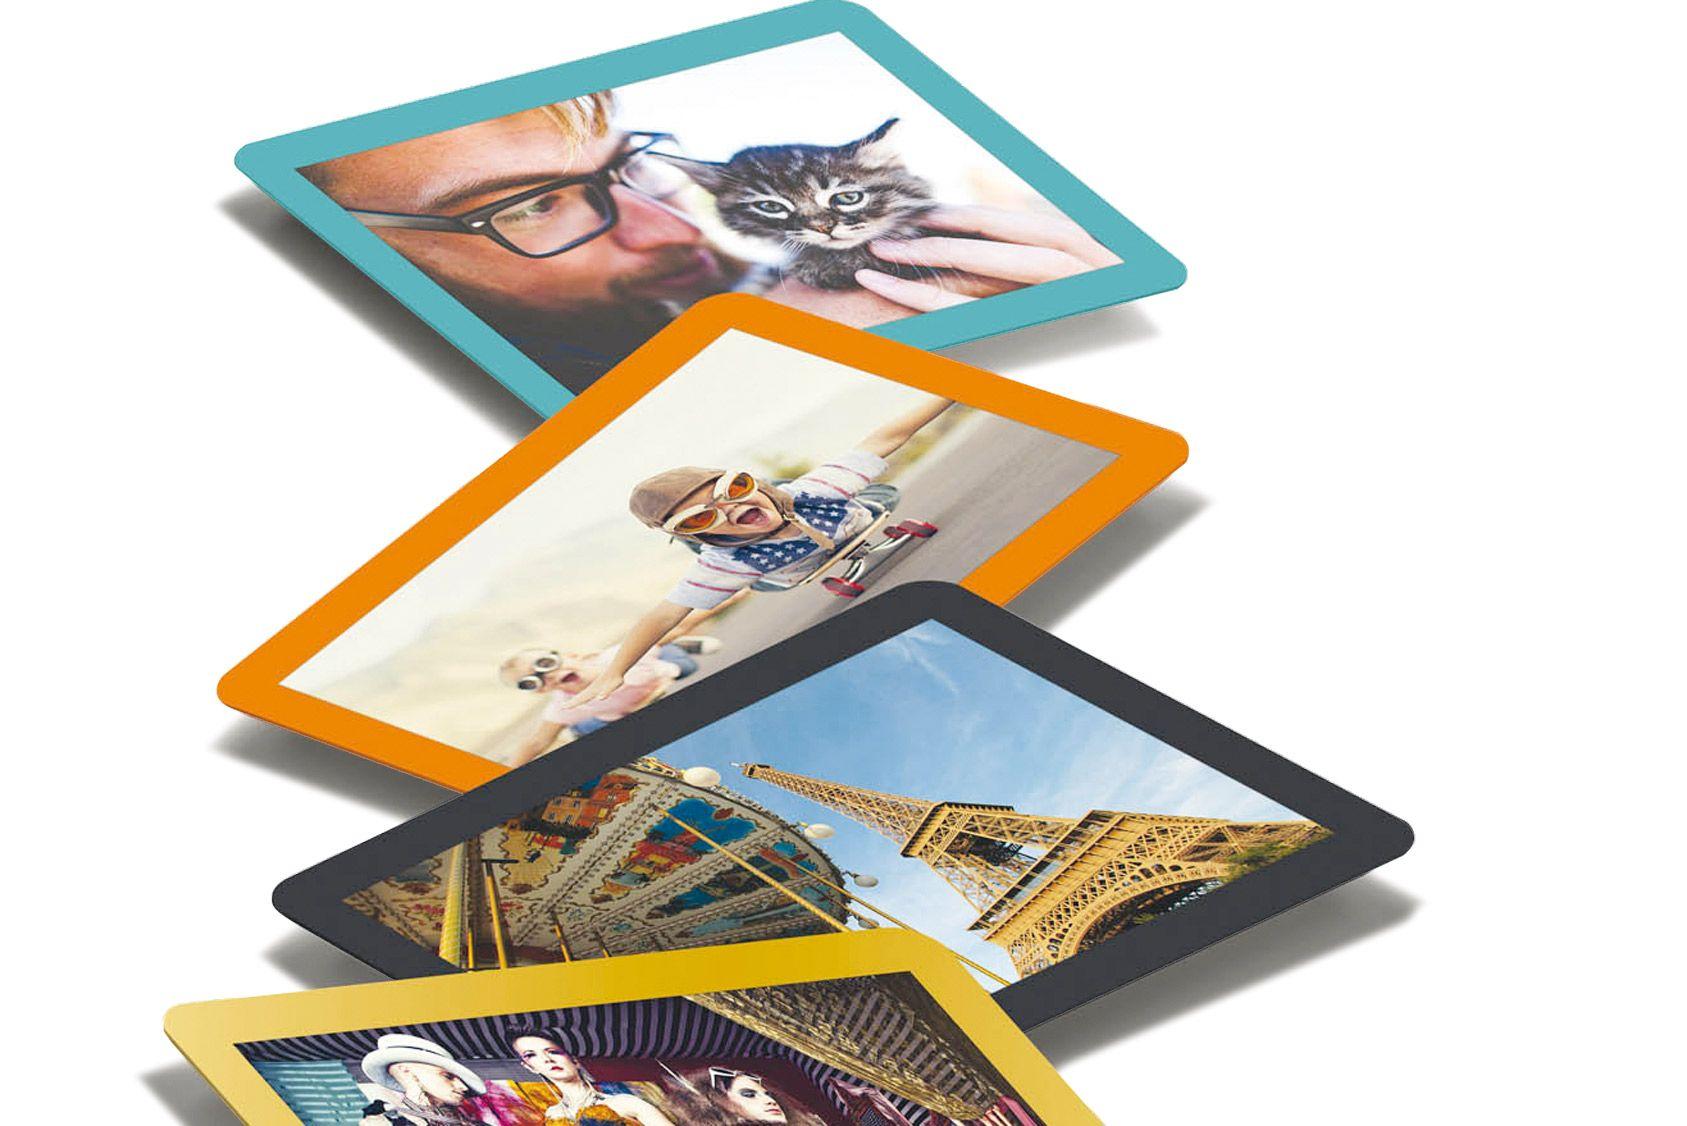 Nos essais: cadres photo Slimpyx - Slimpyx Multiformat pas d'outils, pas de clous, pas de trous